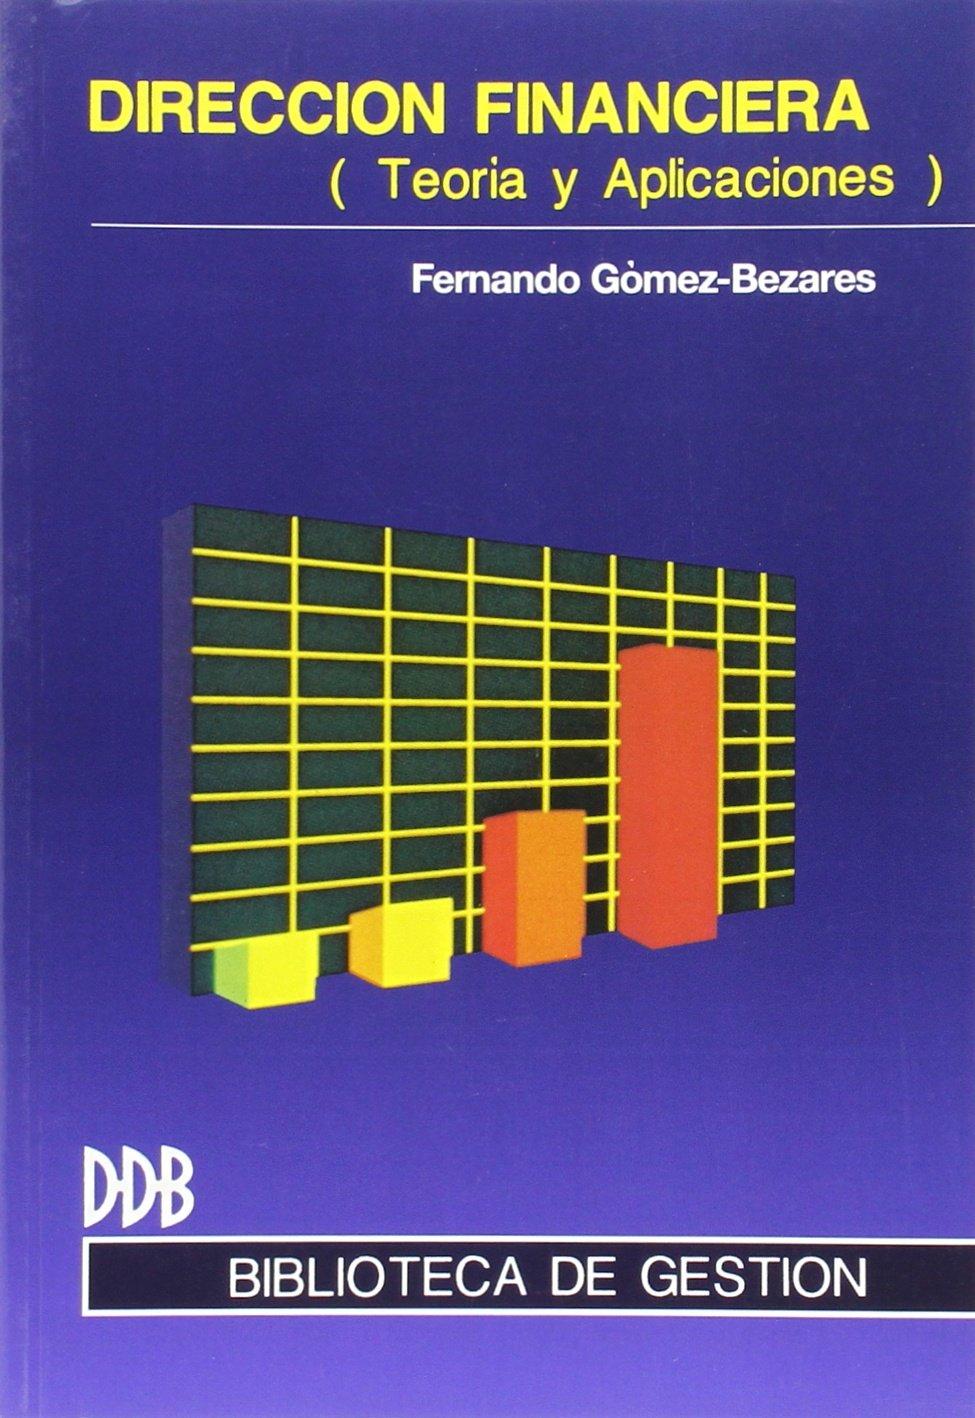 Direccion Financiera: Teoria y Aplicaciones (Biblioteca de Gestion Ddb) (Spanish Edition)